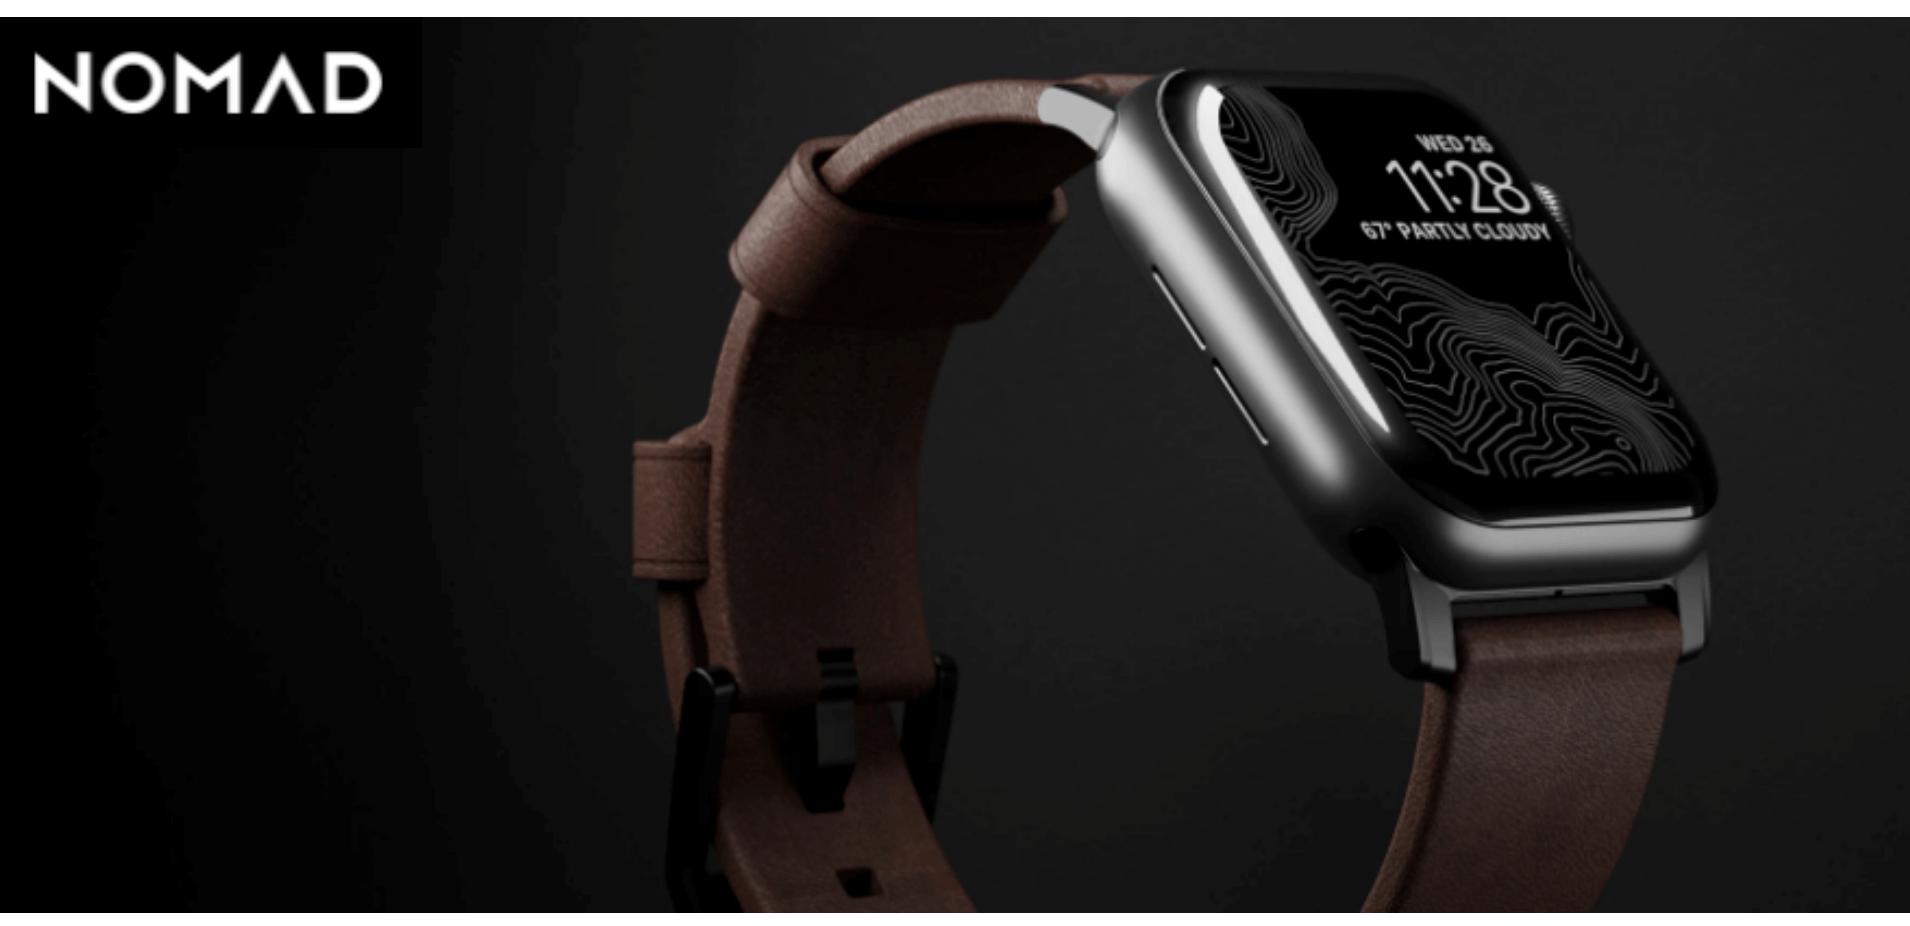 ビジネスに合うApple WatchのNOMAD製品